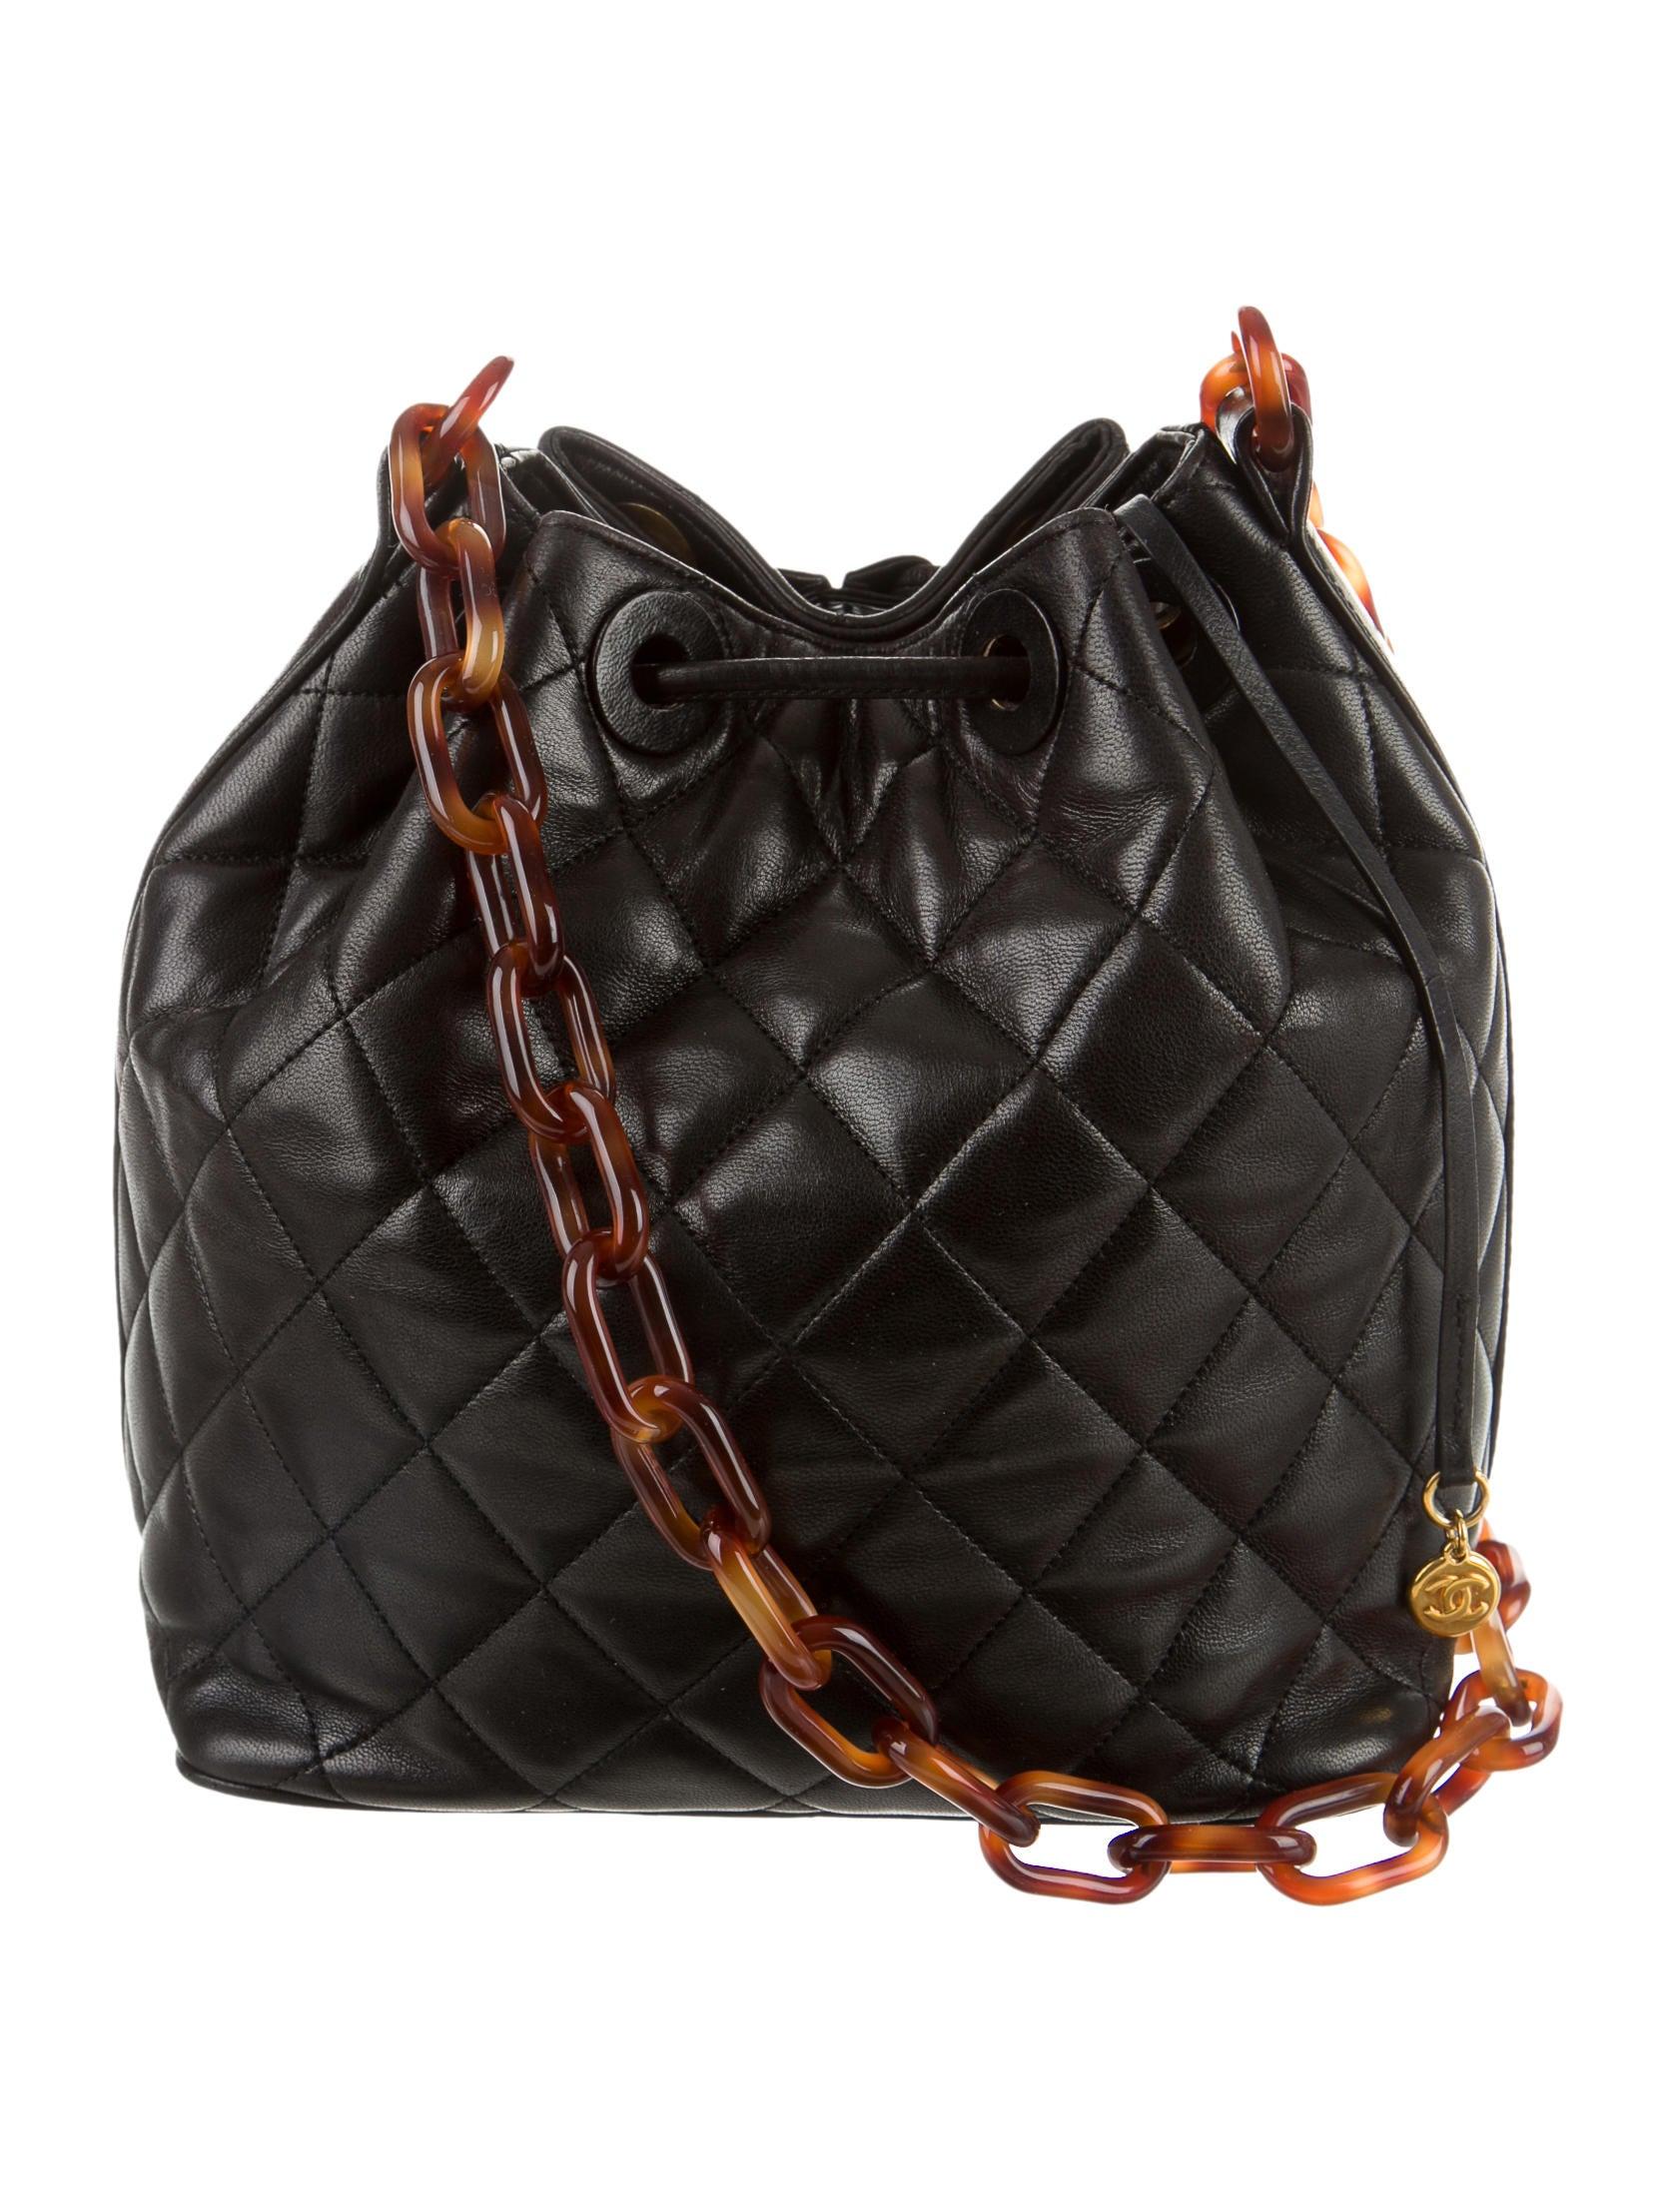 Chanel Quilted Lambskin Bucket Bag Handbags Cha94105